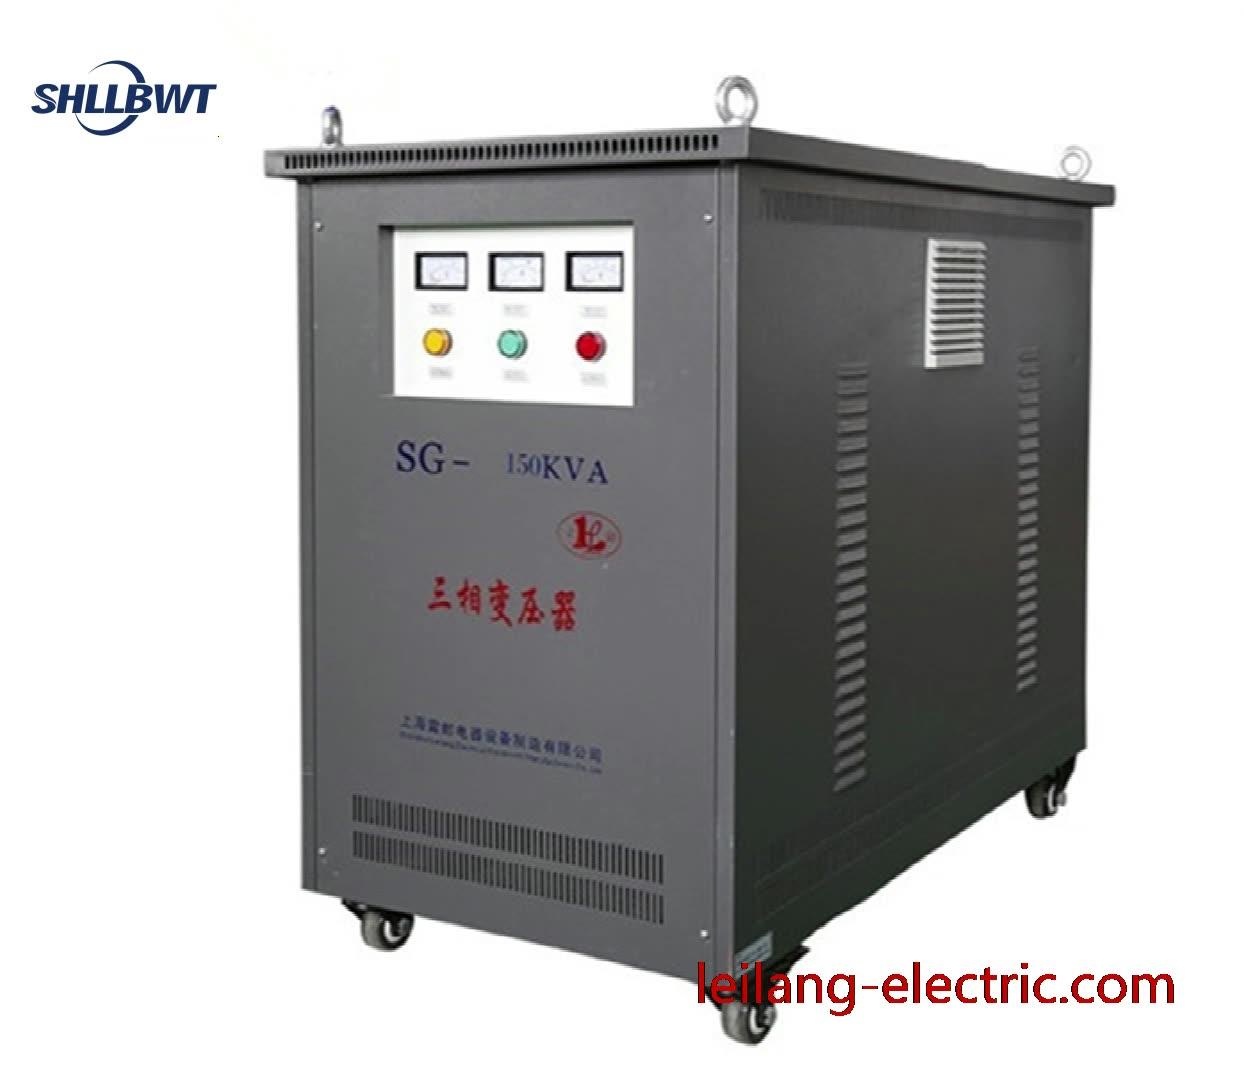 Three phase isolation transformer 100KVA 415V/400V/380V/240V/230V/220V for printing machine